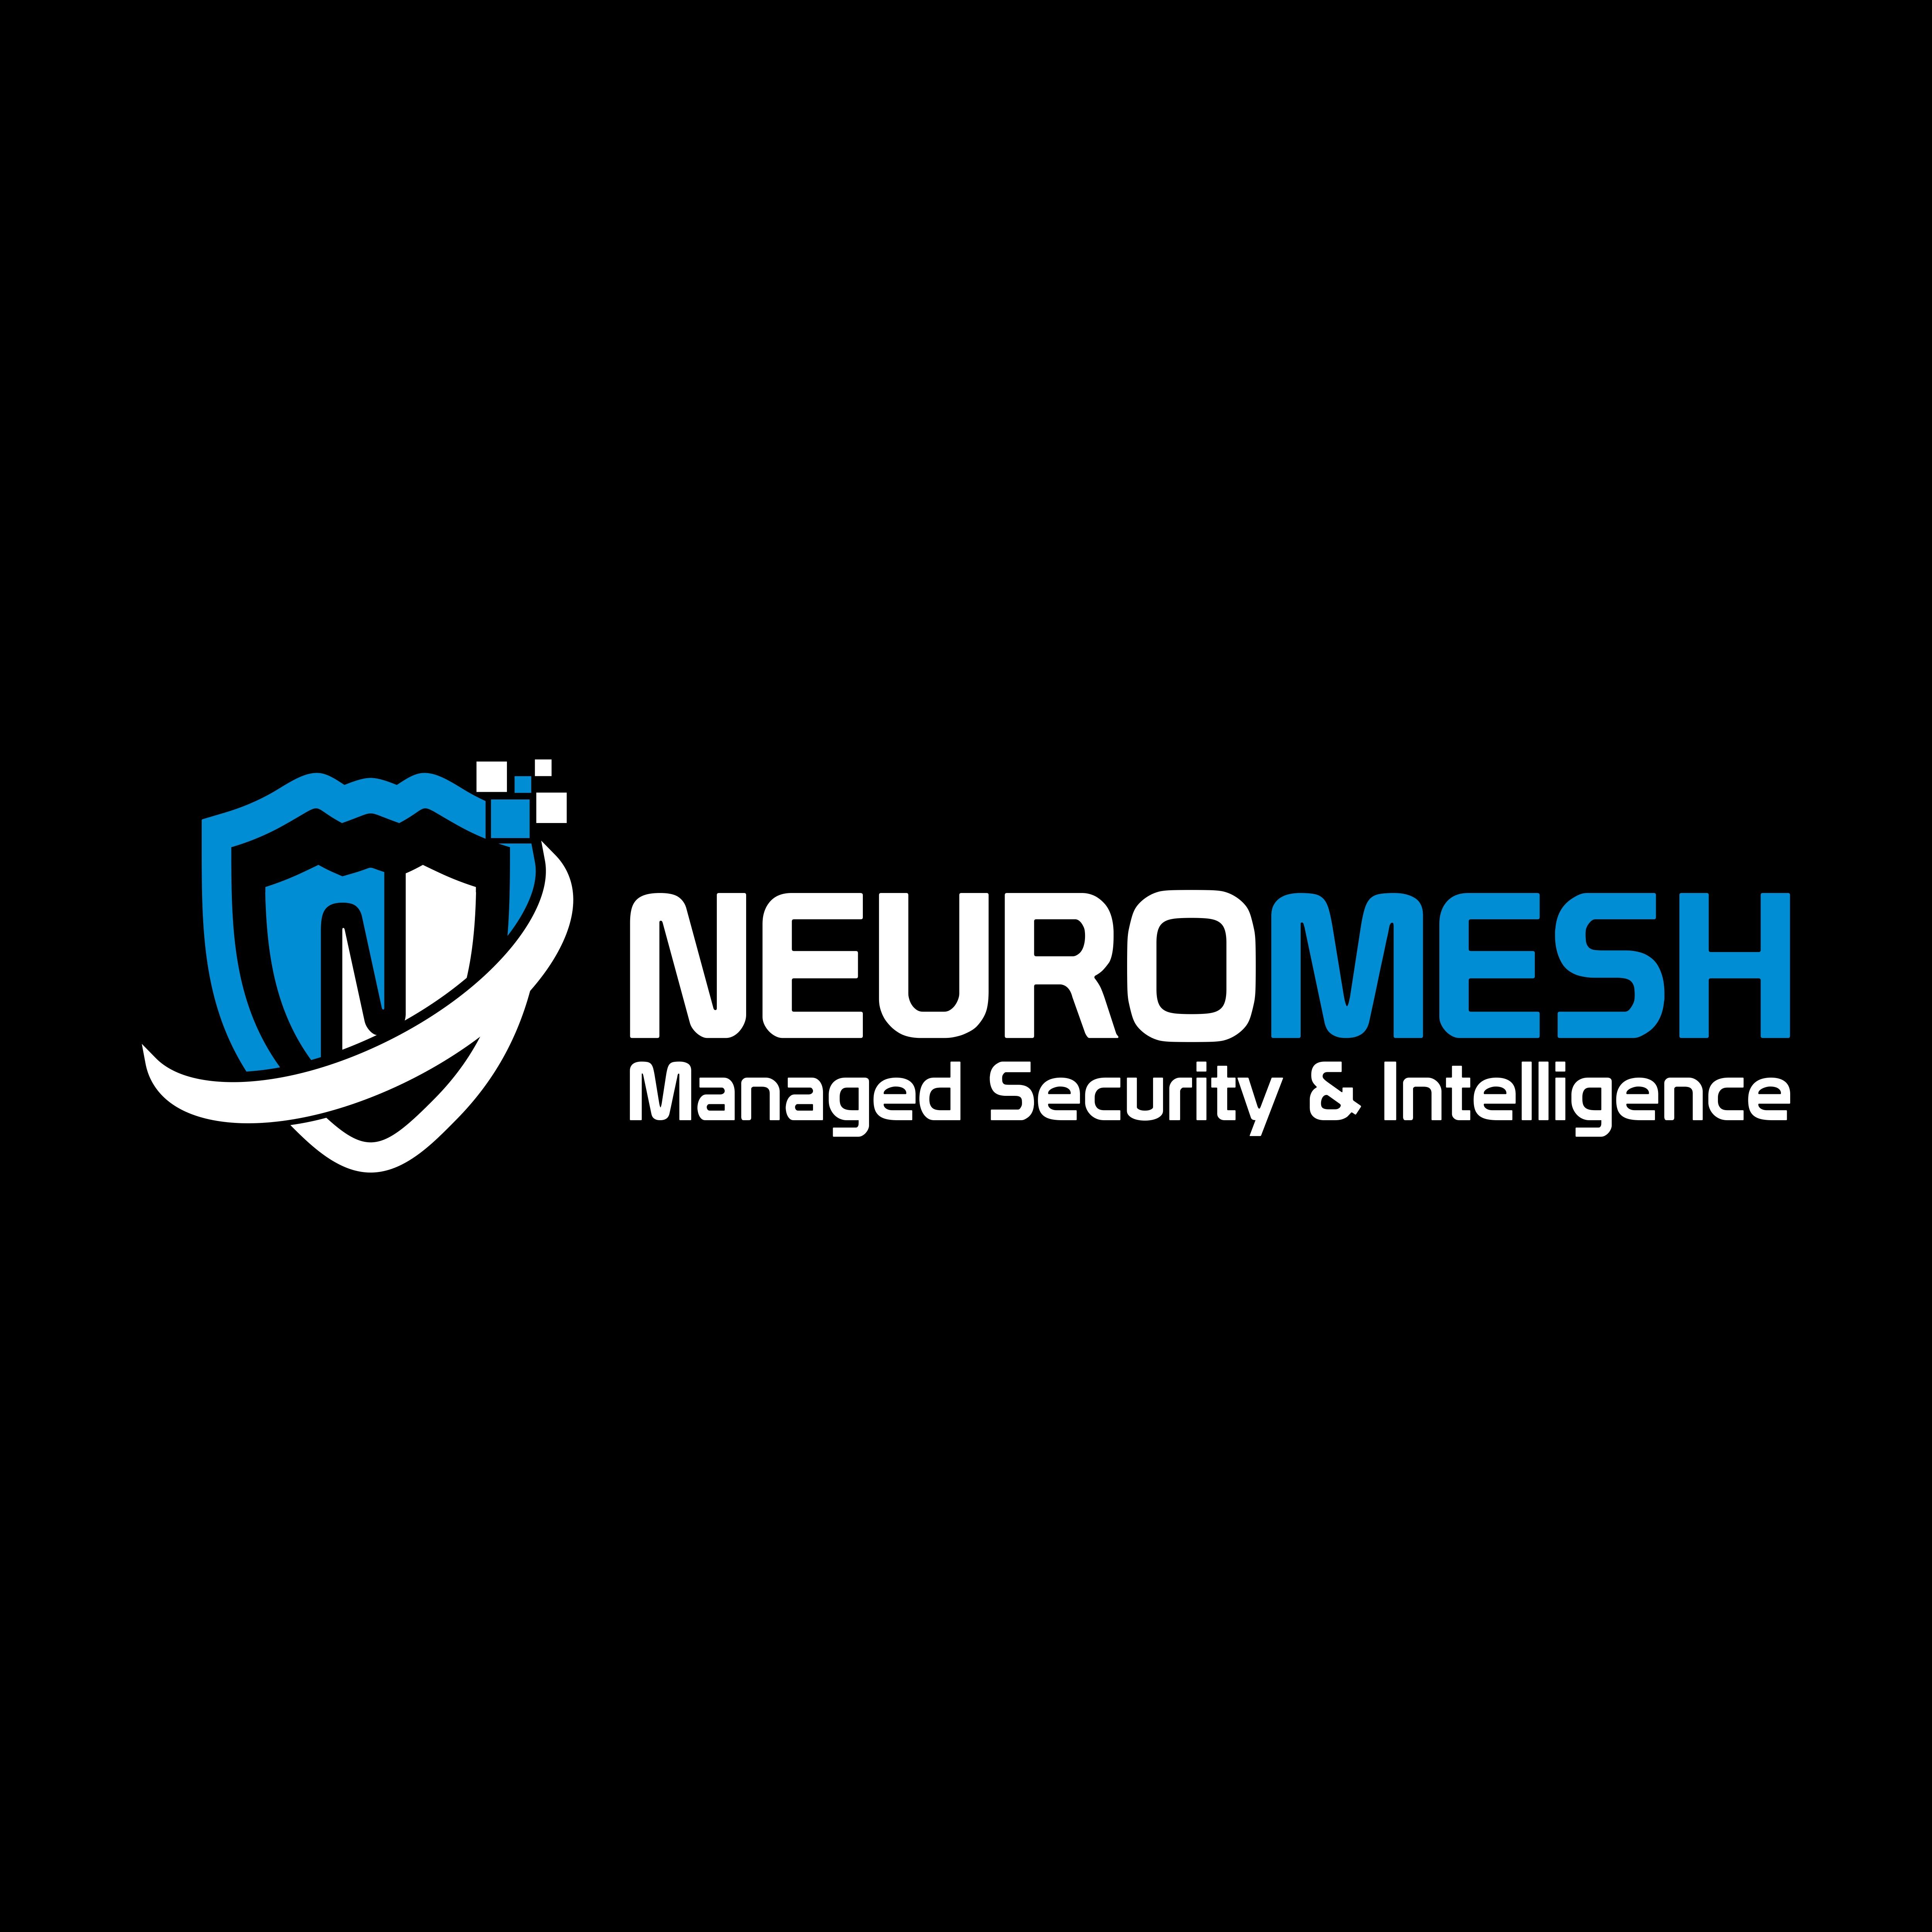 NeuroMesh